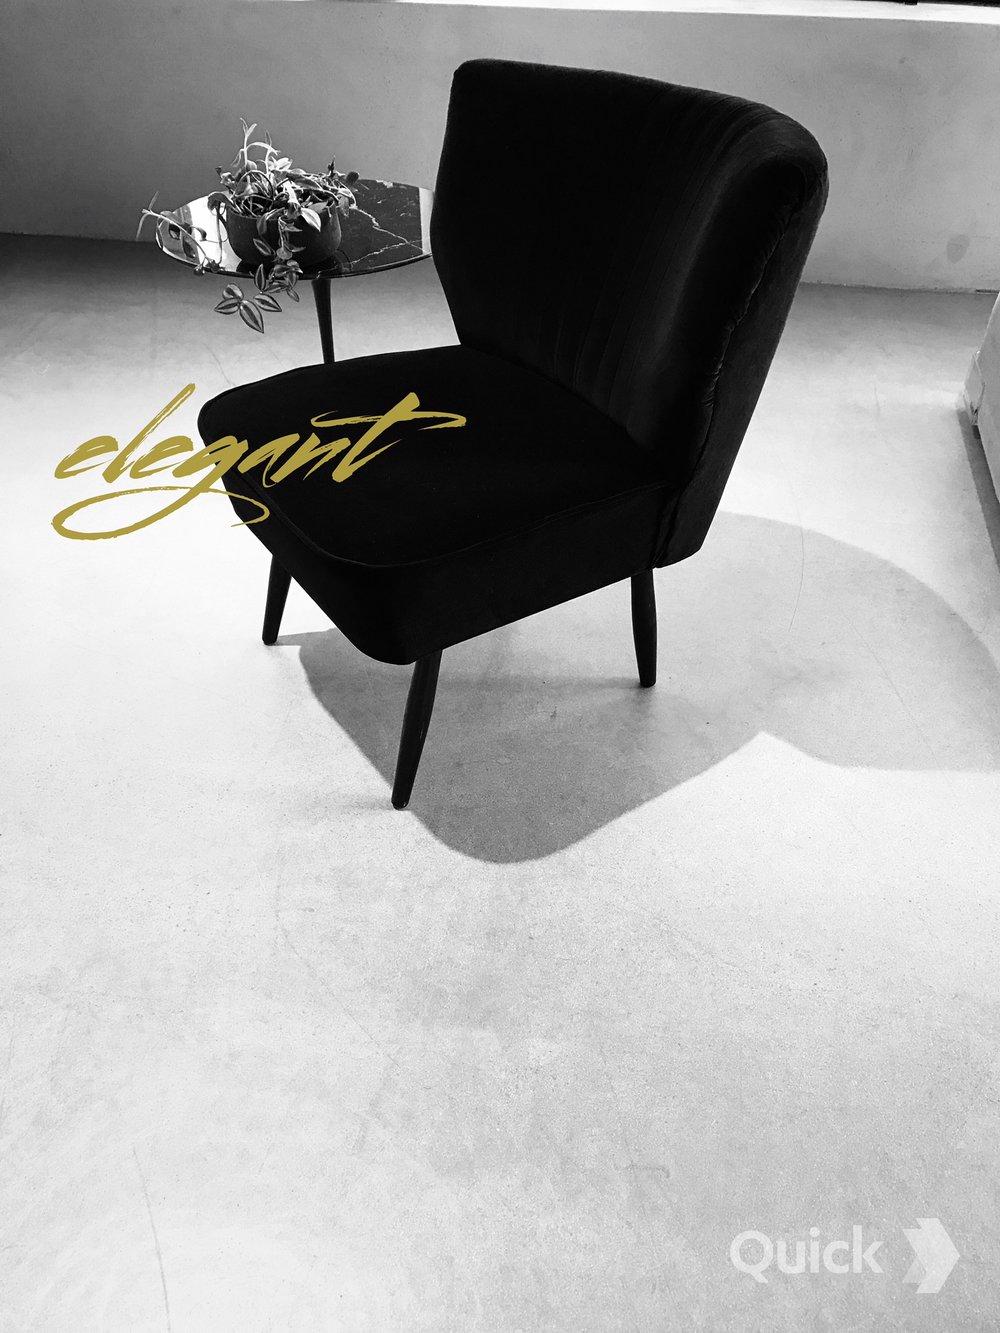 Vintage Fåtölj MARTHA   Klädsel svart sammet  B; 52 cm Sitthöjd 42 cm, Djup; 49 cm, Ryggbredd 65 cm